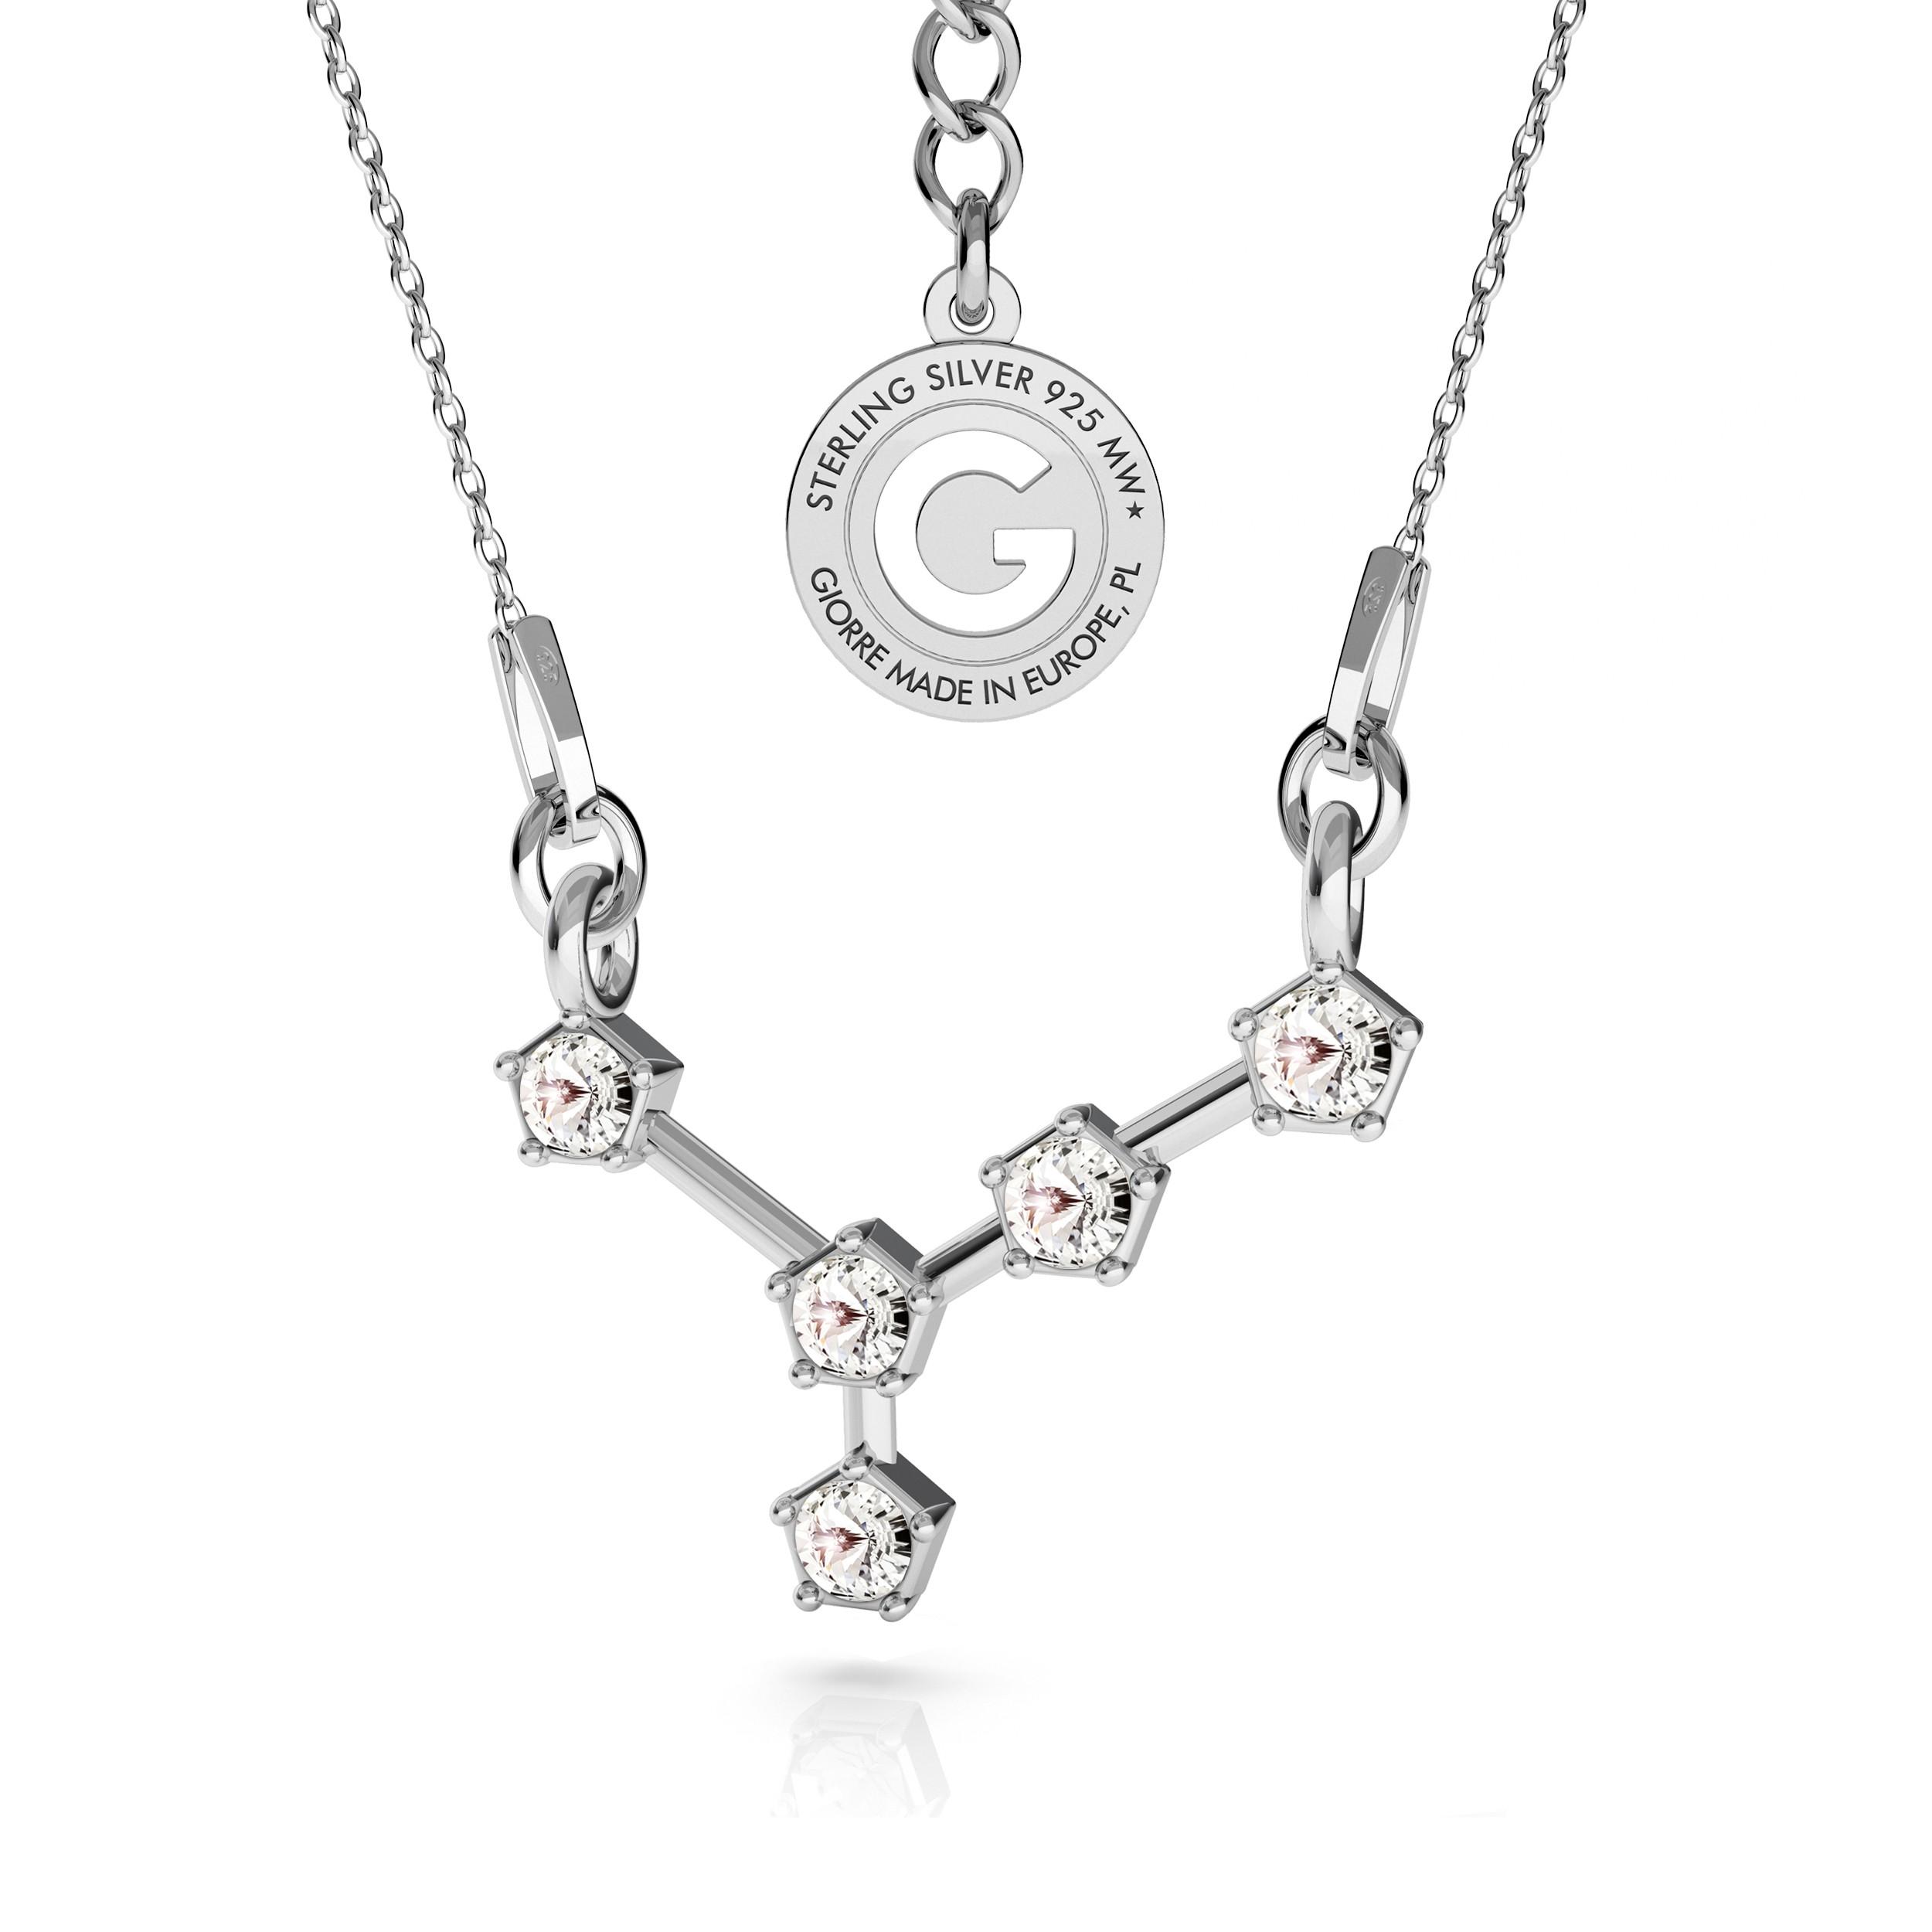 RAK srebrny naszyjnik zodiak z kryształami Swarovskiego 925